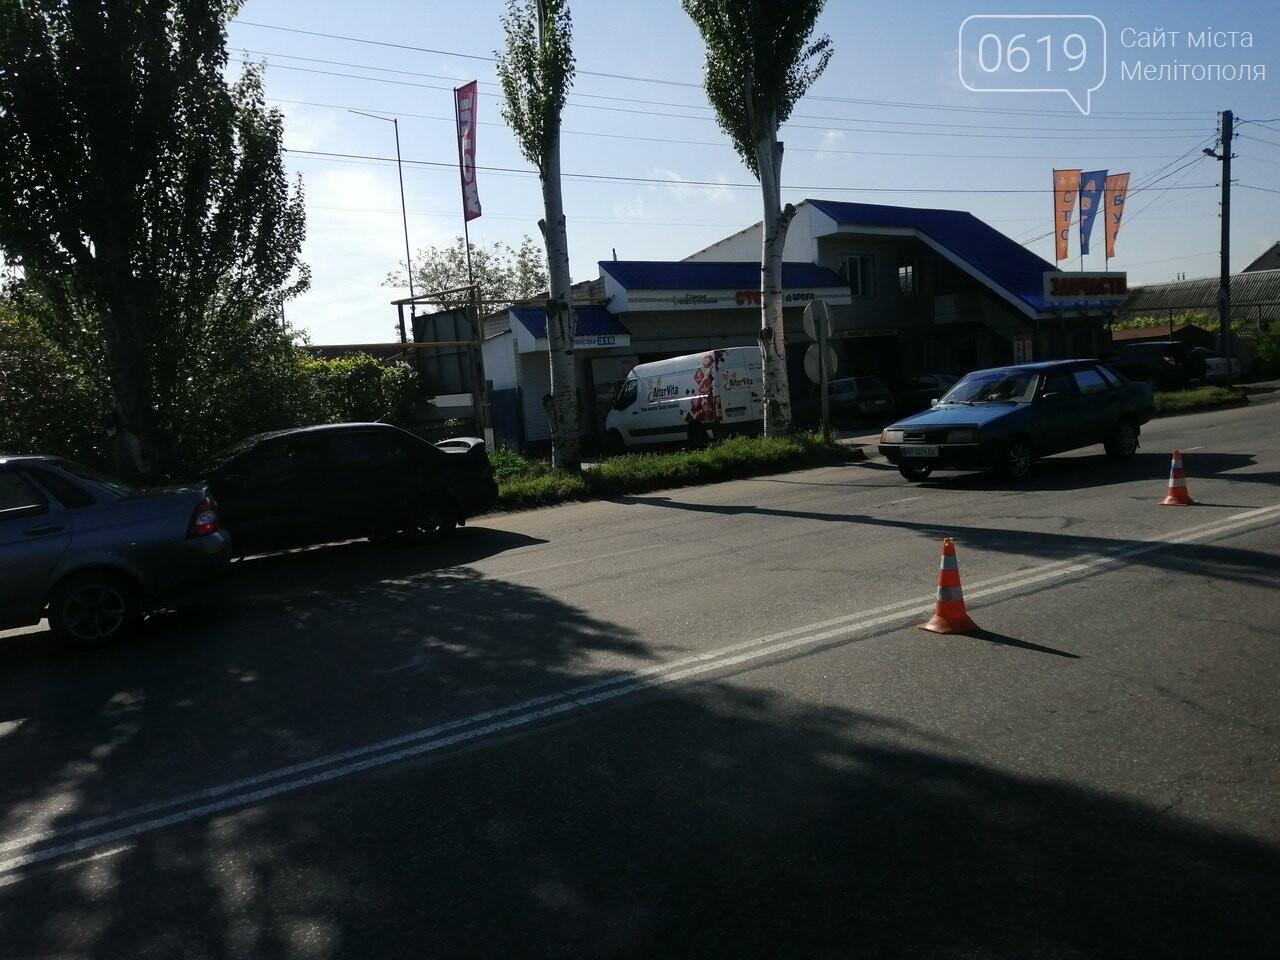 В Мелитополе продолжают наносить дорожную разметку , фото-1, Фото сайта 0619